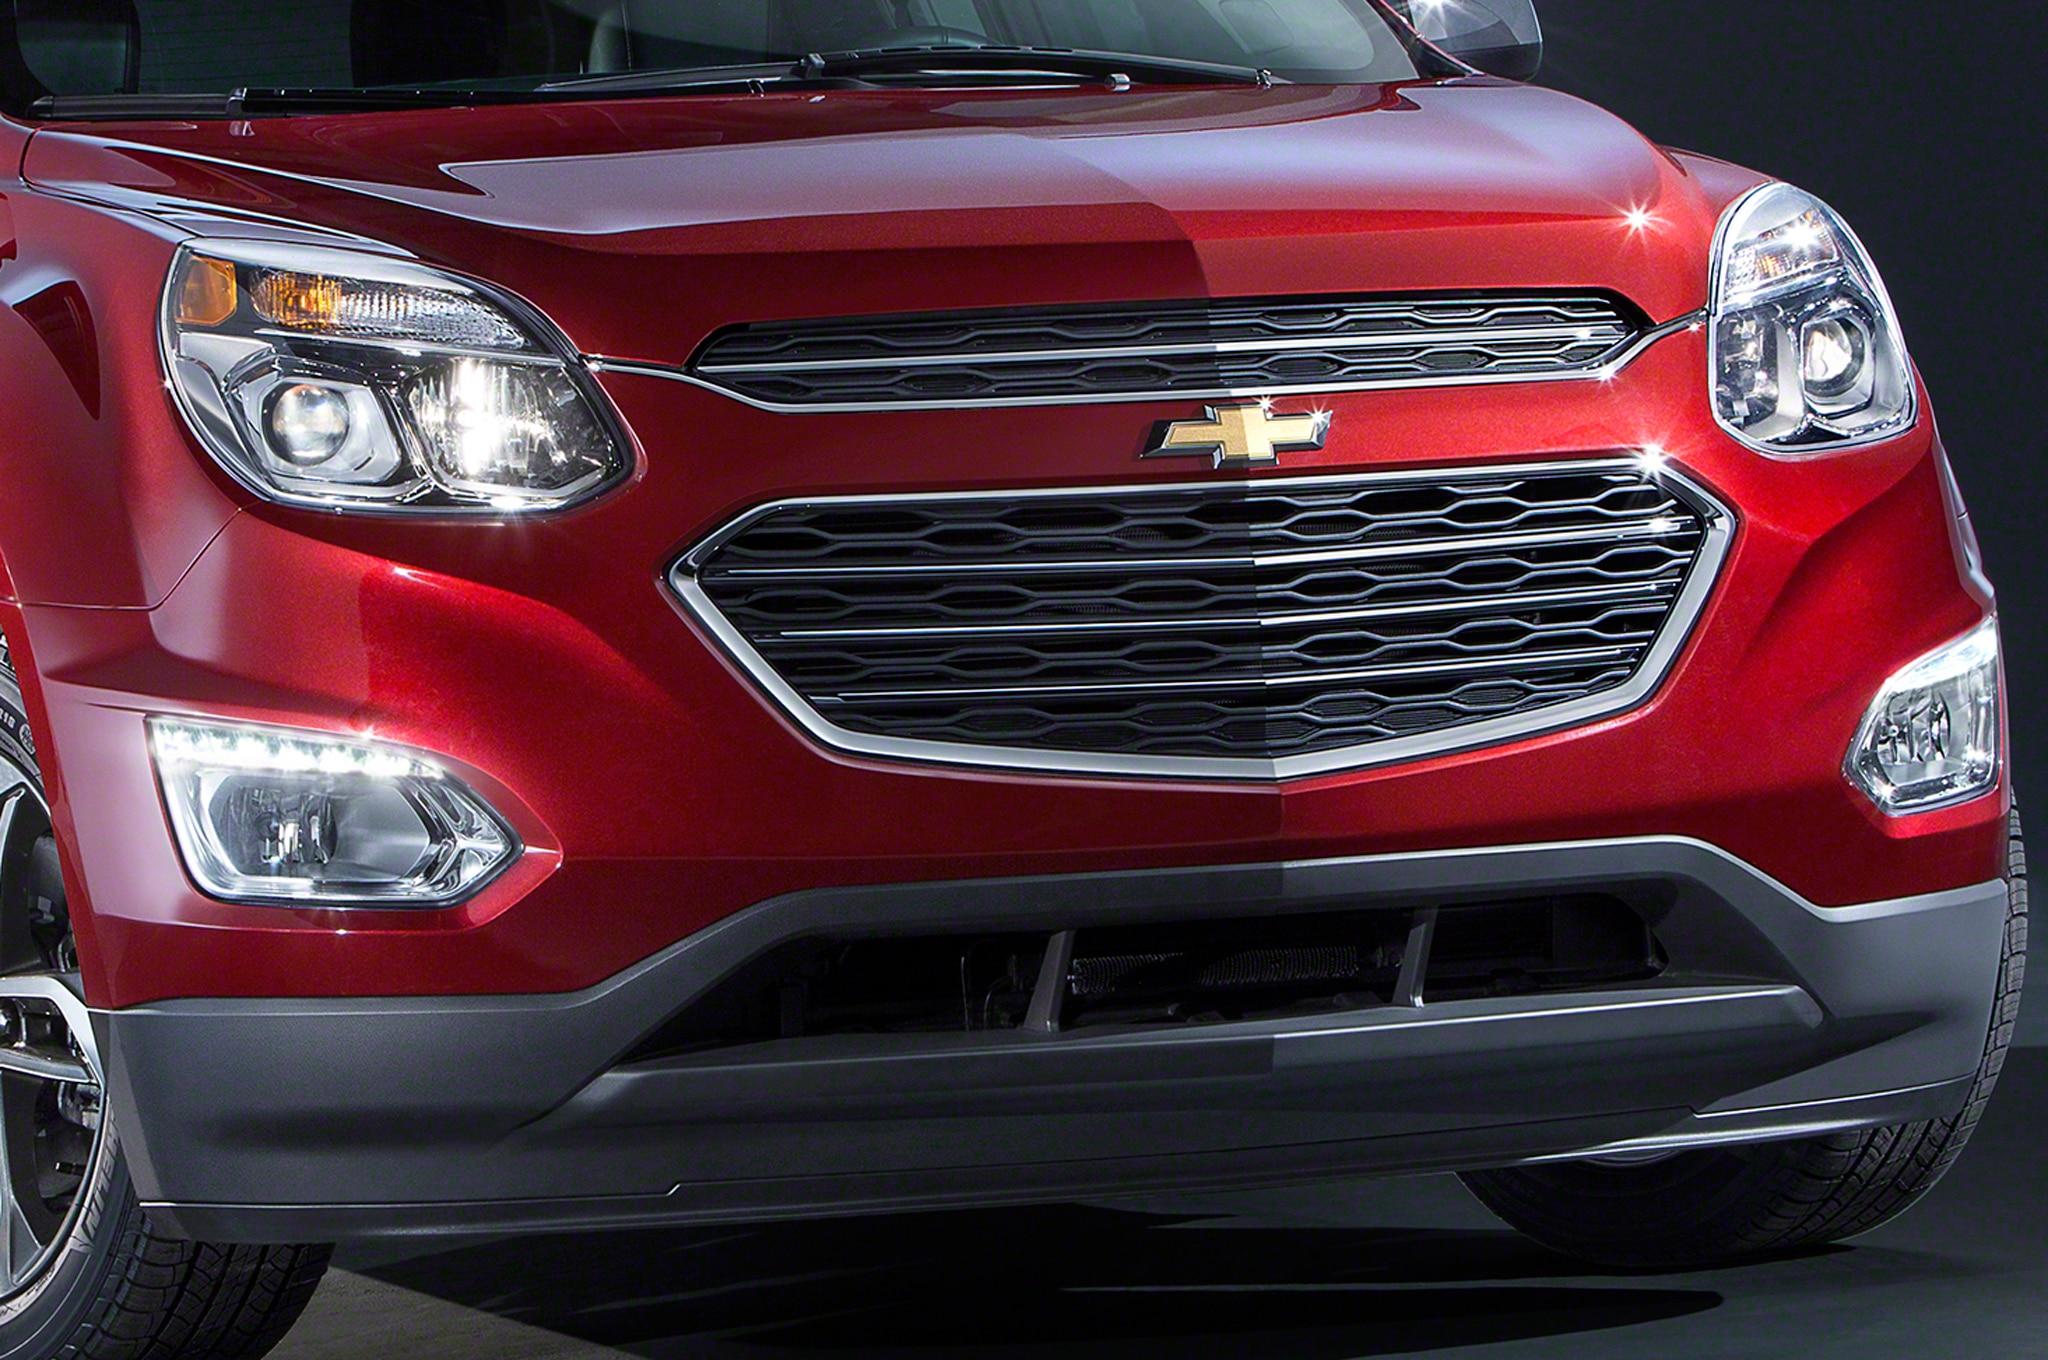 2016 Chevrolet Equinox LTZ front clip closeup refreshed 2016 chevrolet equinox teased Solstice and Equinox Diagram at readyjetset.co